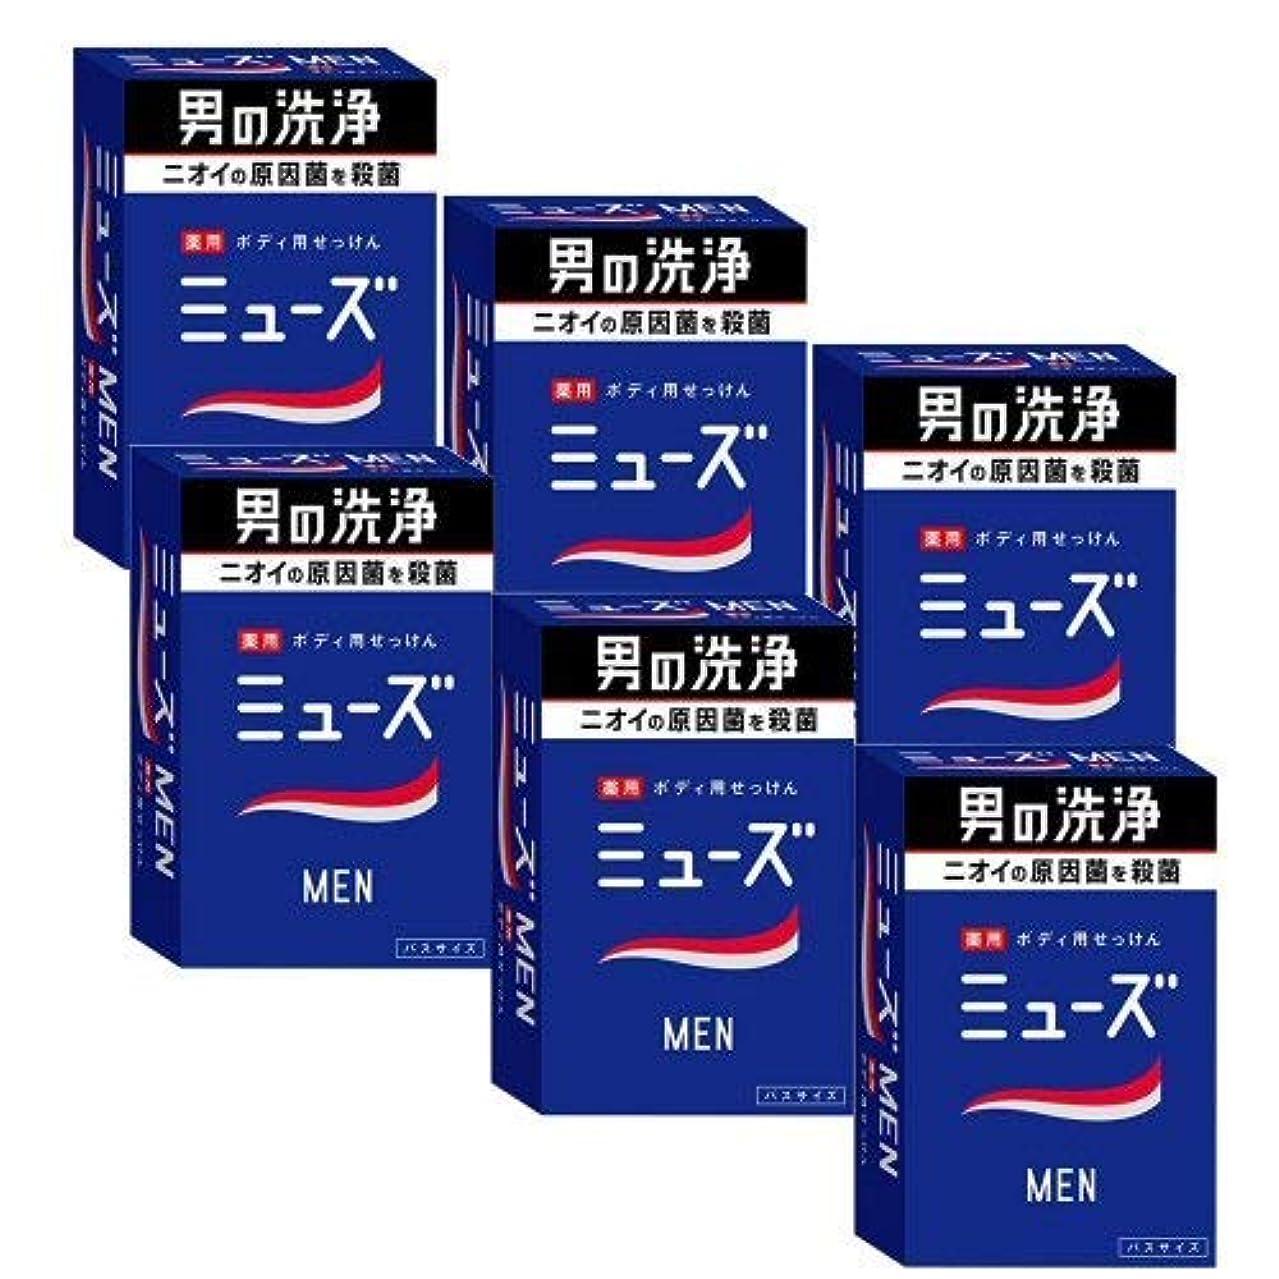 シリンダー加害者生物学ミューズメン石鹸 × 5個セット